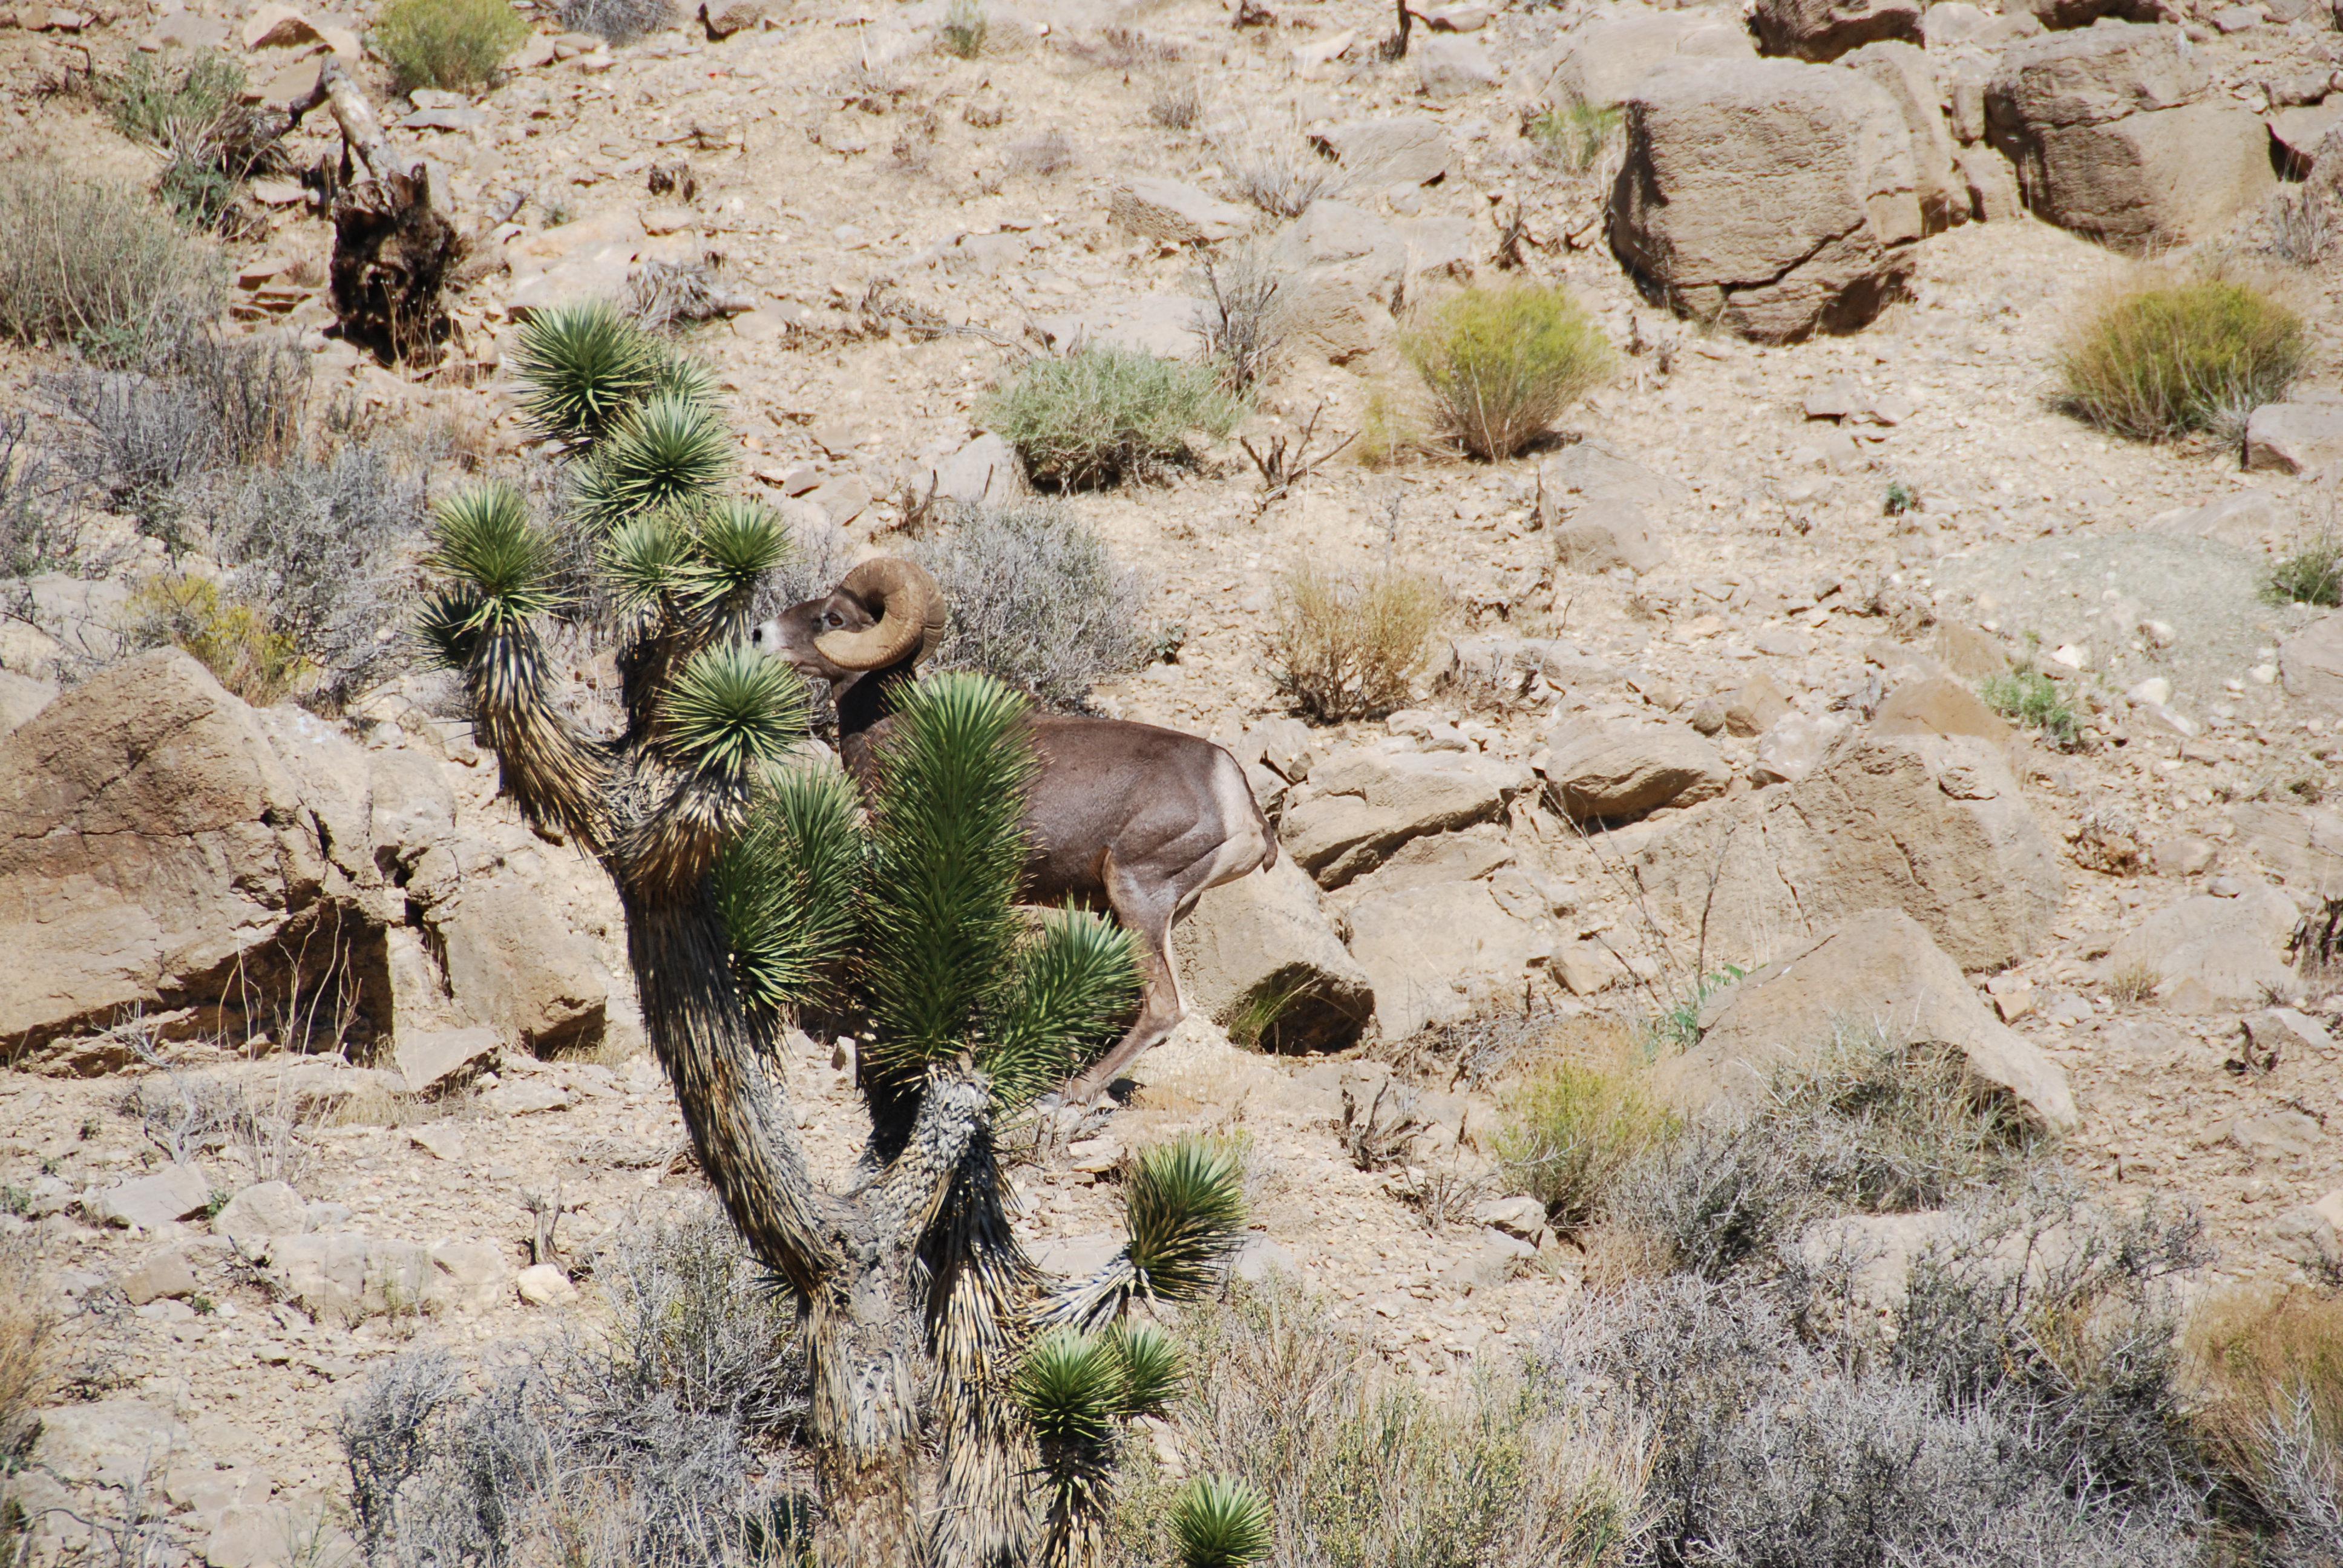 A herd of Desert Sheep